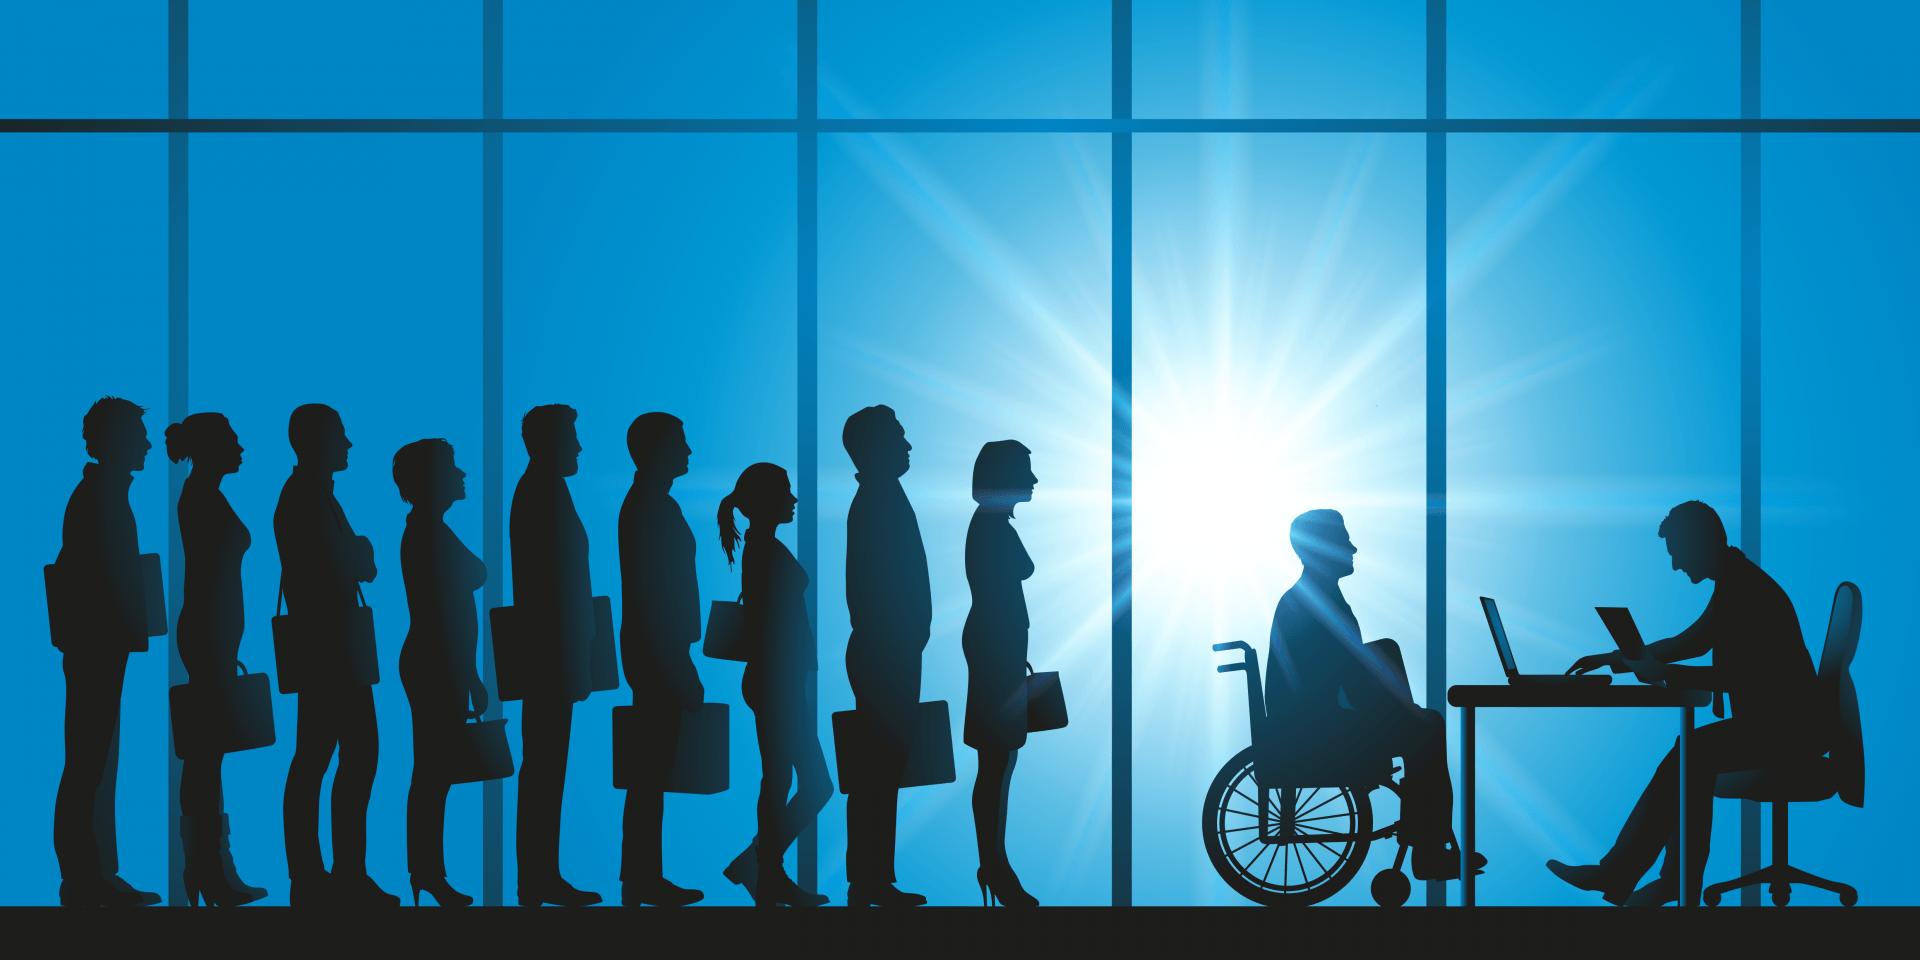 Praca dla osób niepełnosprawnych – co musi wiedzieć pracodawca?